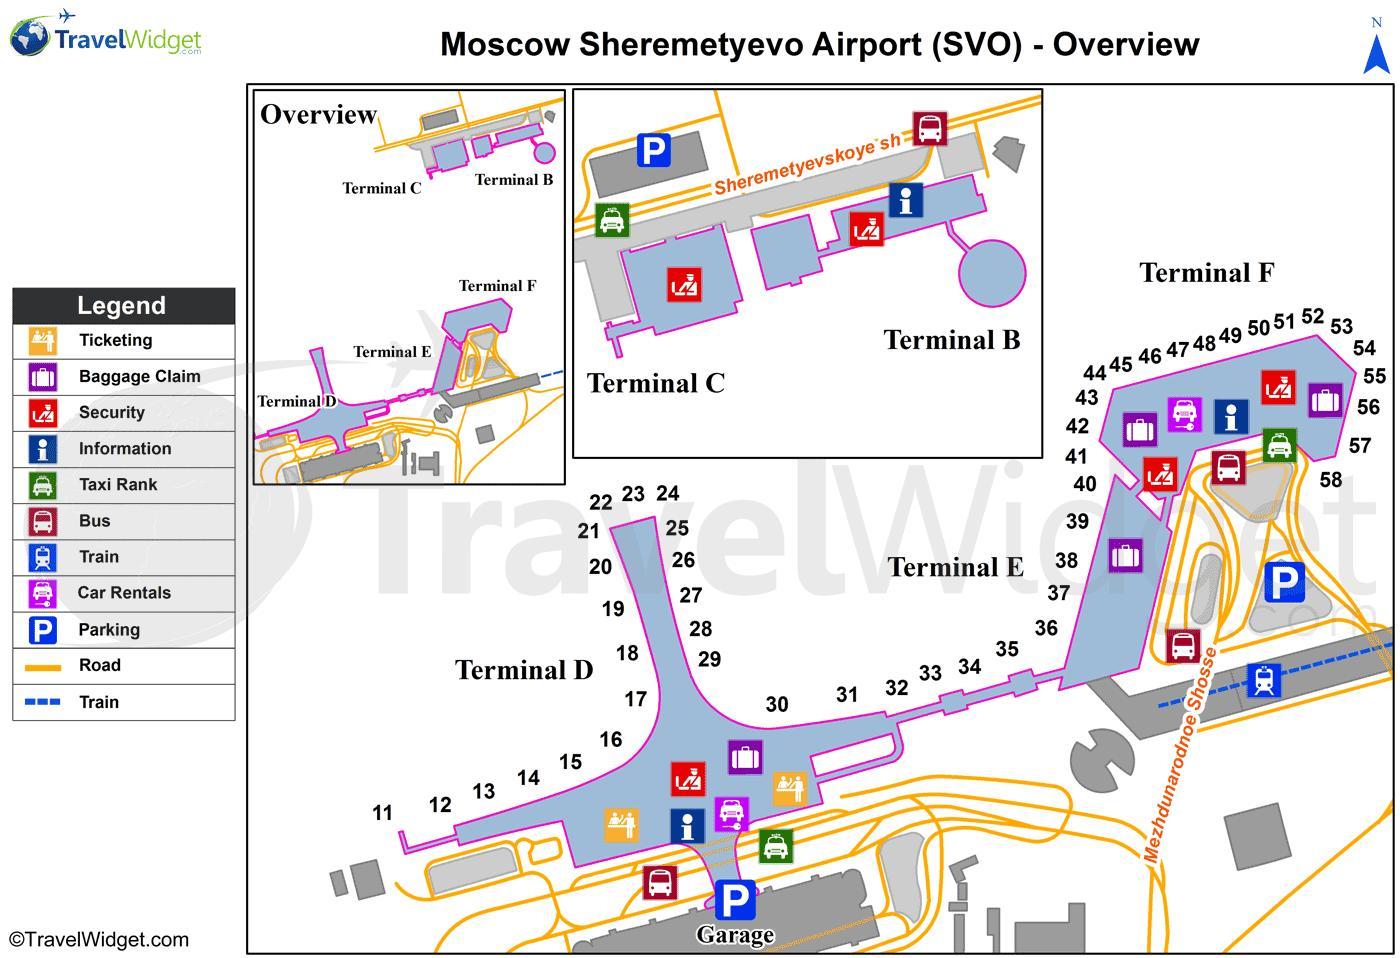 aeroporto internacional sheremetyevo mapa - sheremetyevo